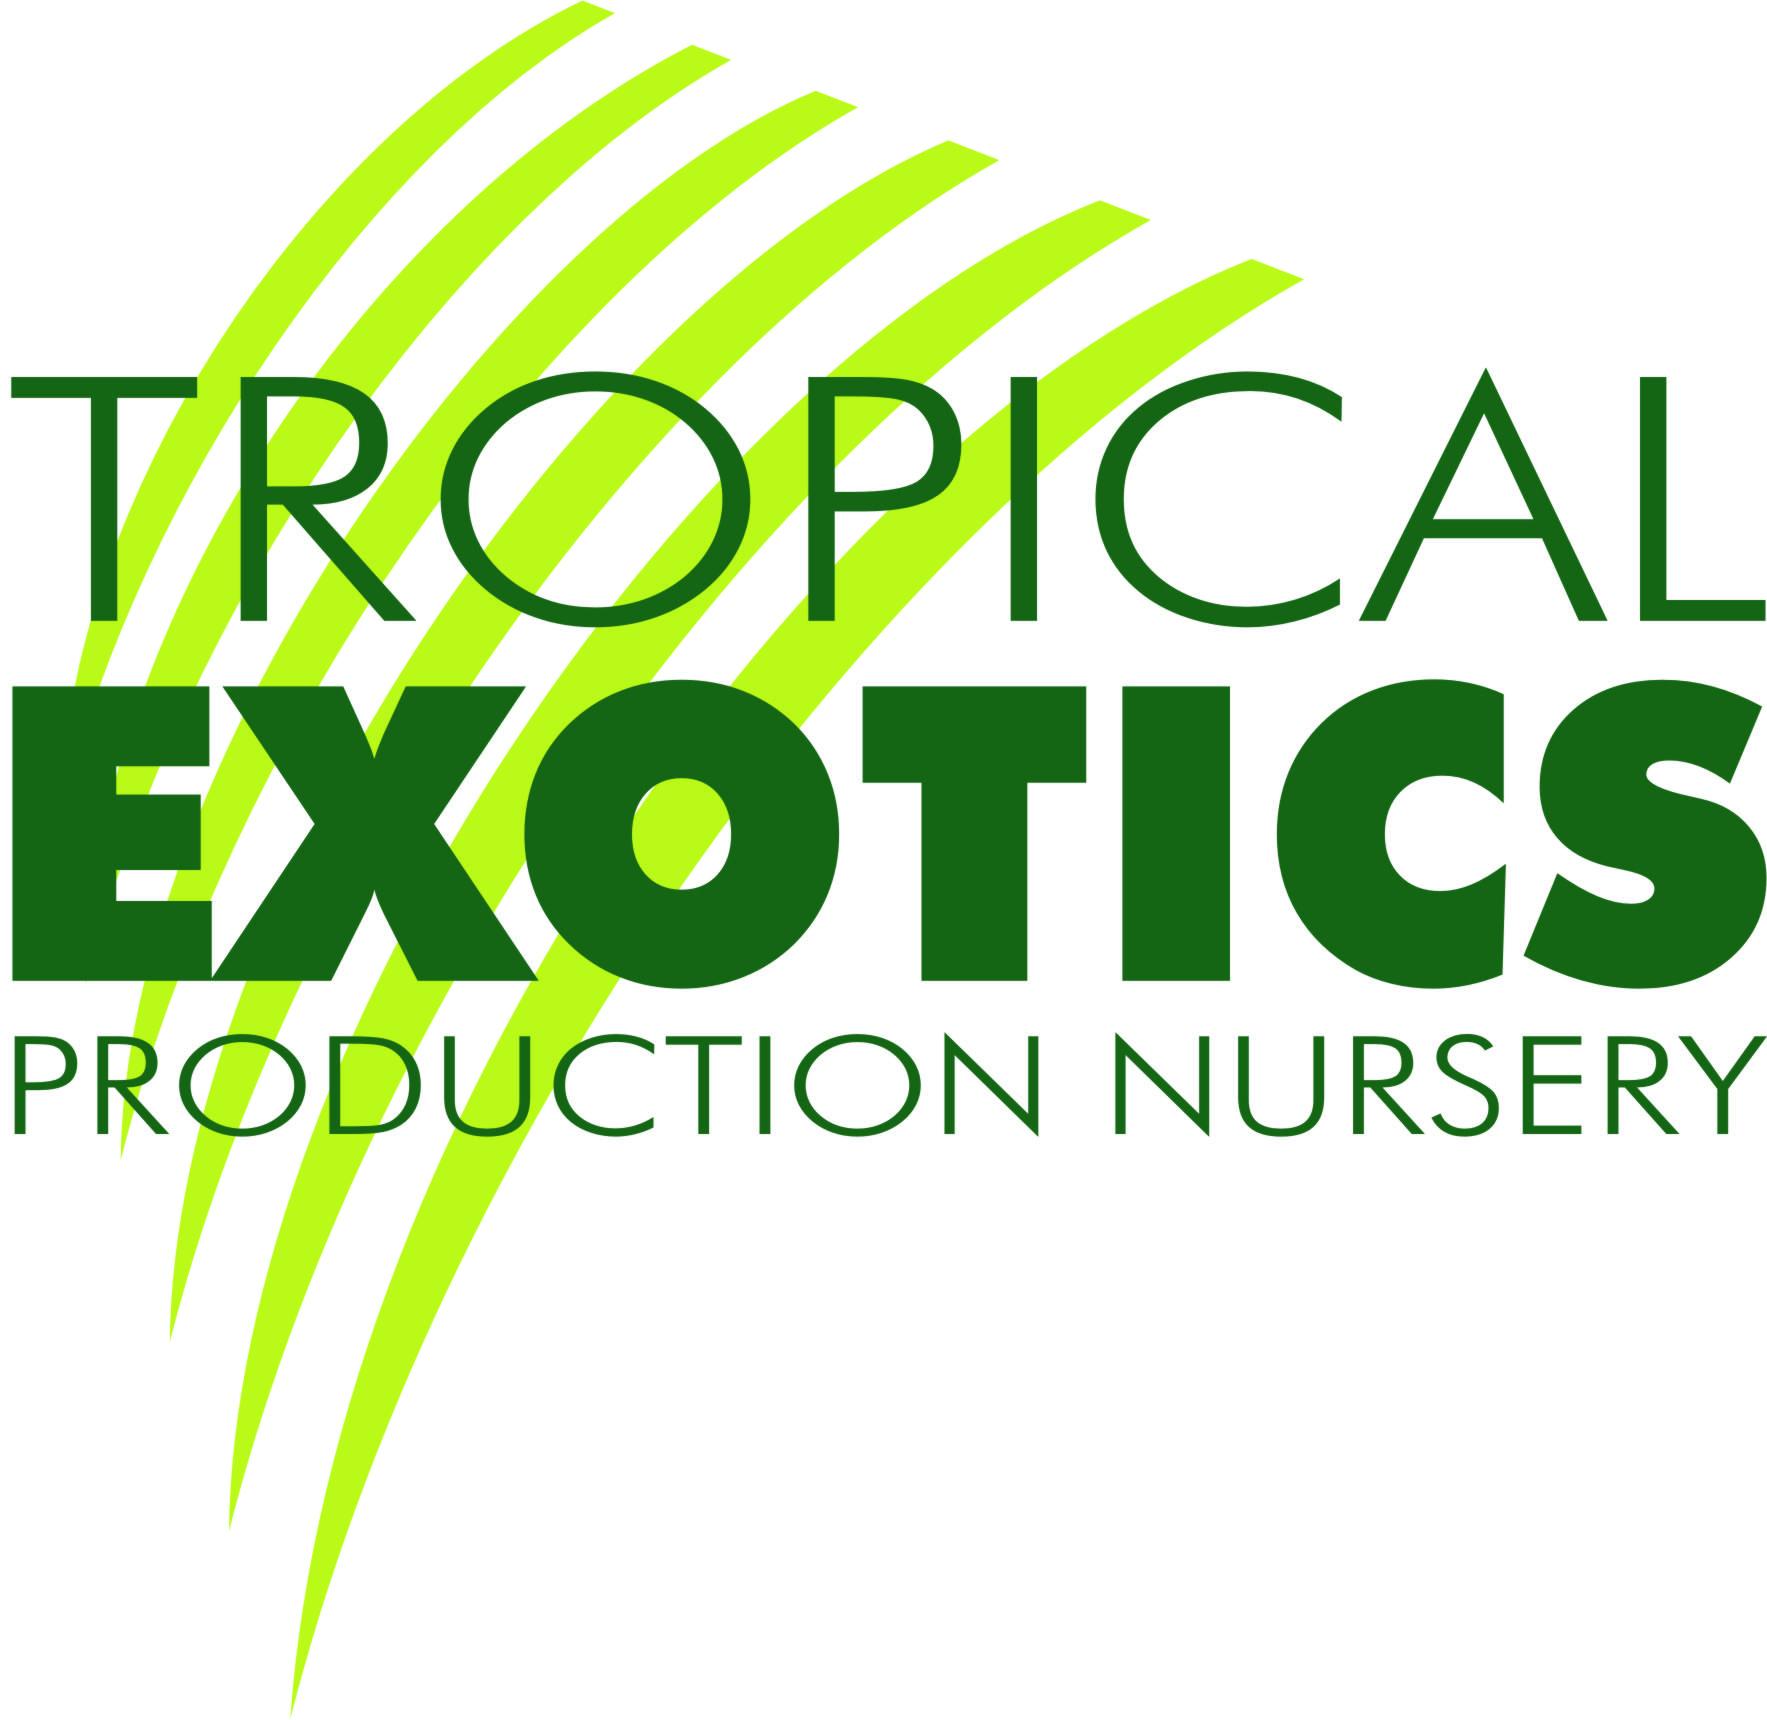 Tropical Exotics